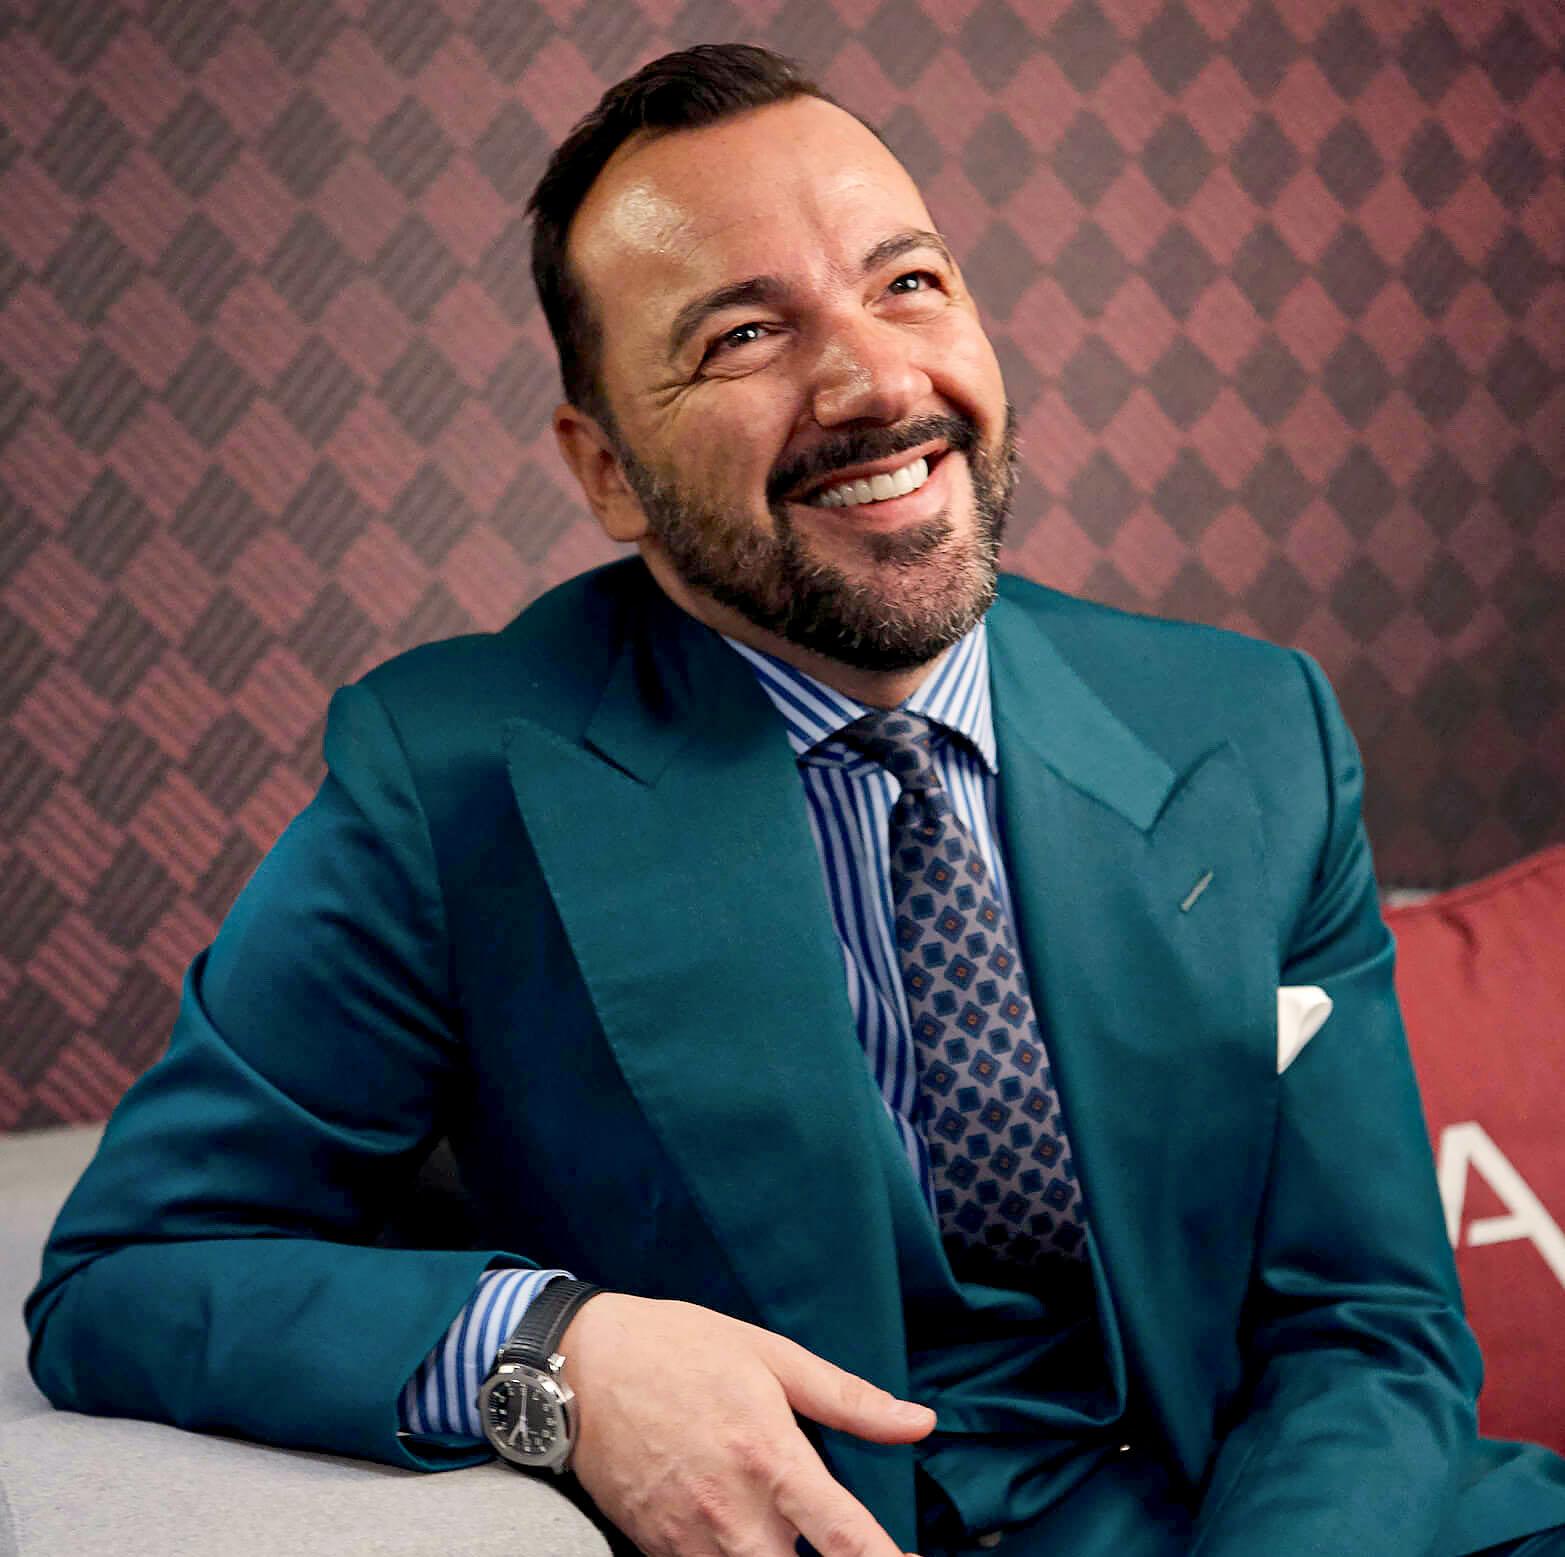 Alessandro Martorana